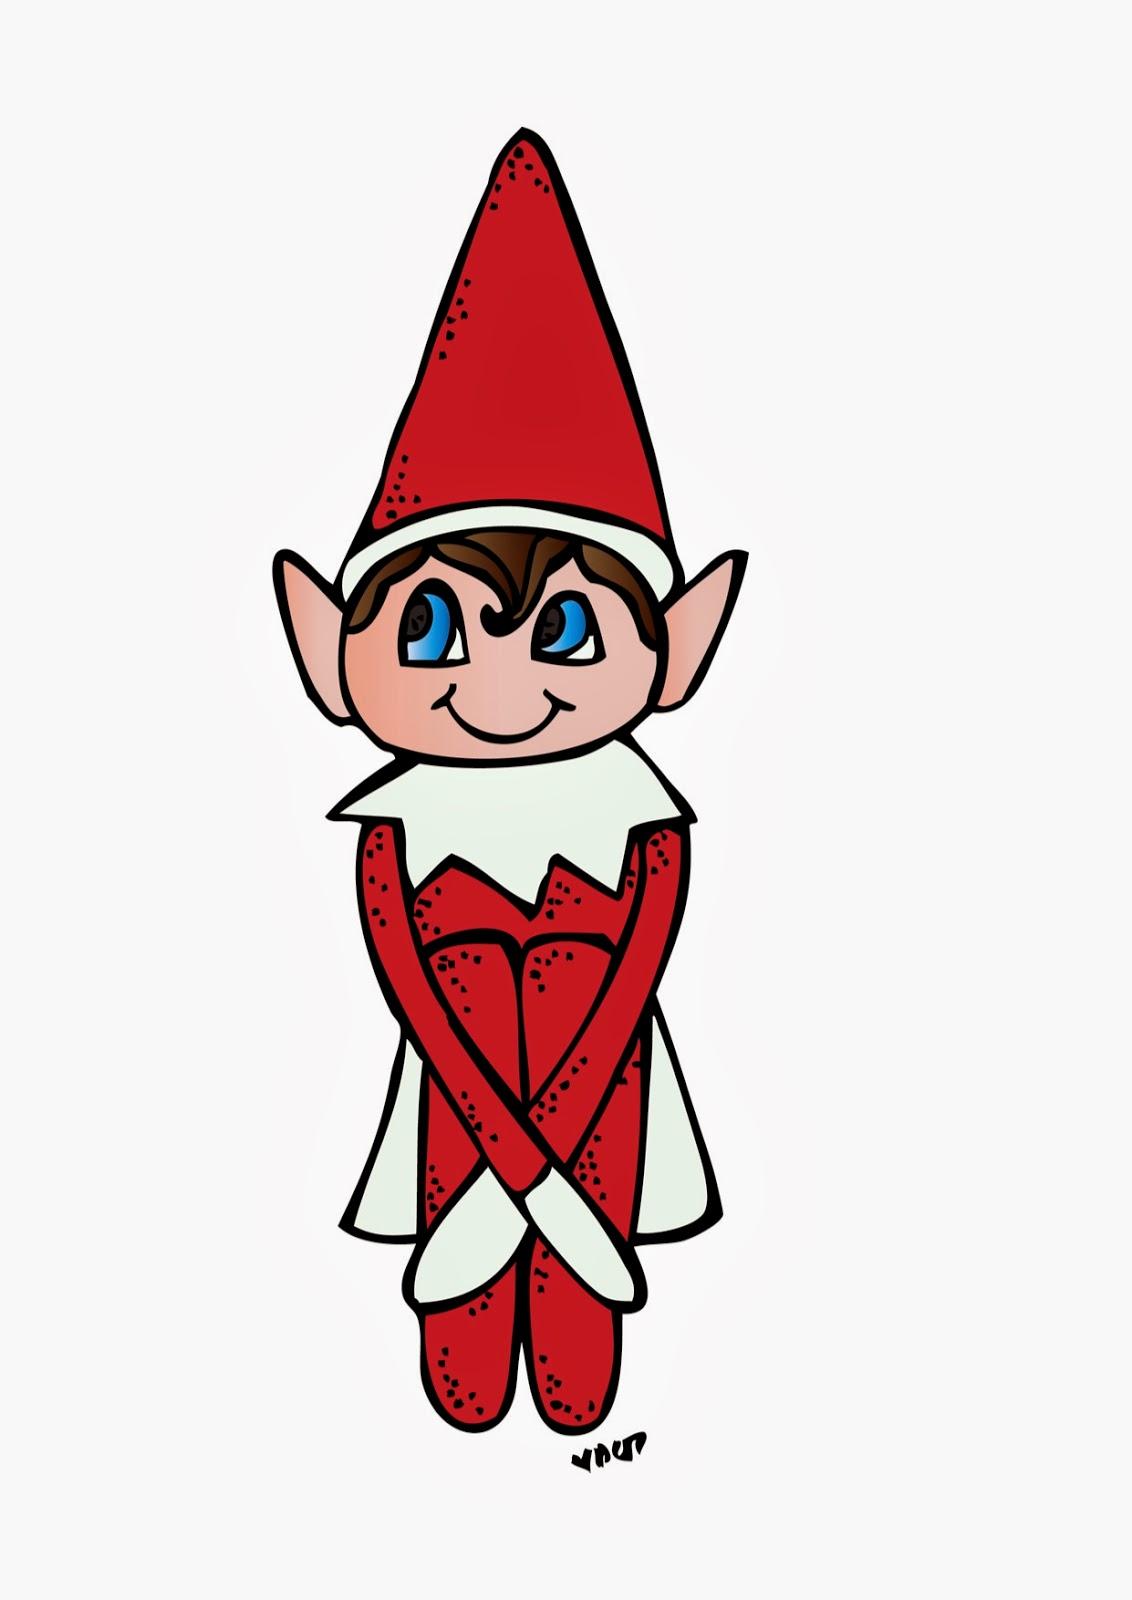 1132x1600 Elf On The Shelf Cartoon Clipart